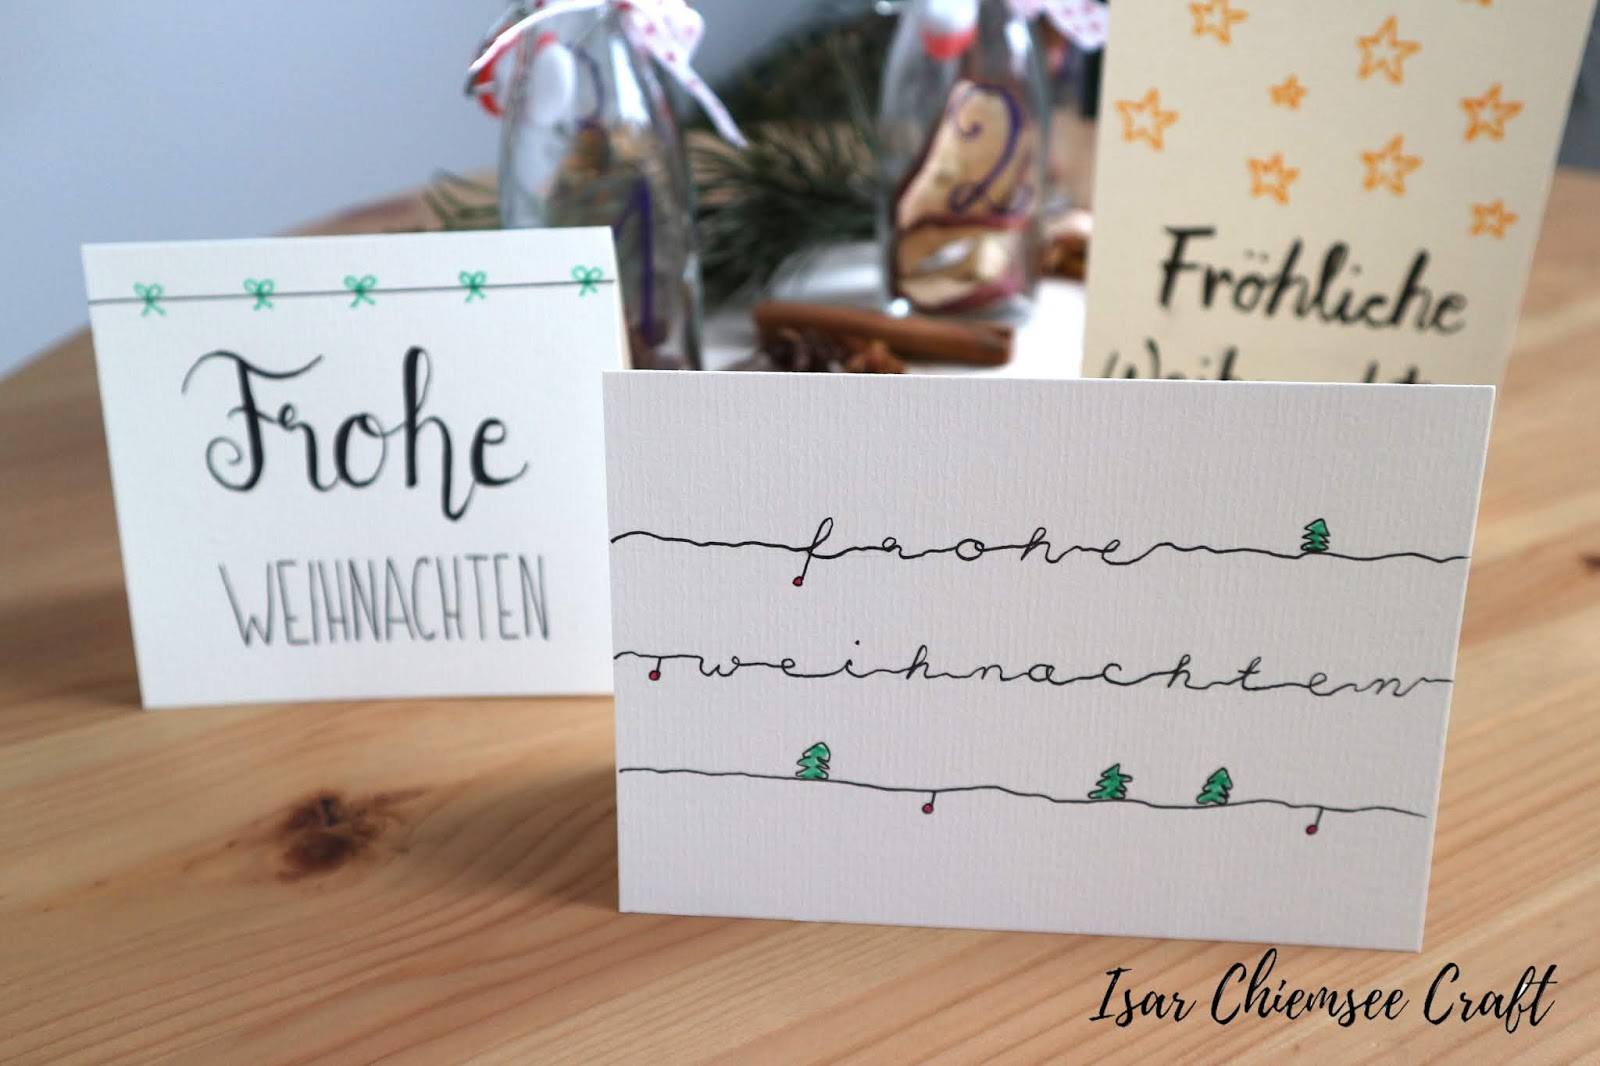 Weihnachtliche Letterings – Weihnachtskarten selbstgemacht